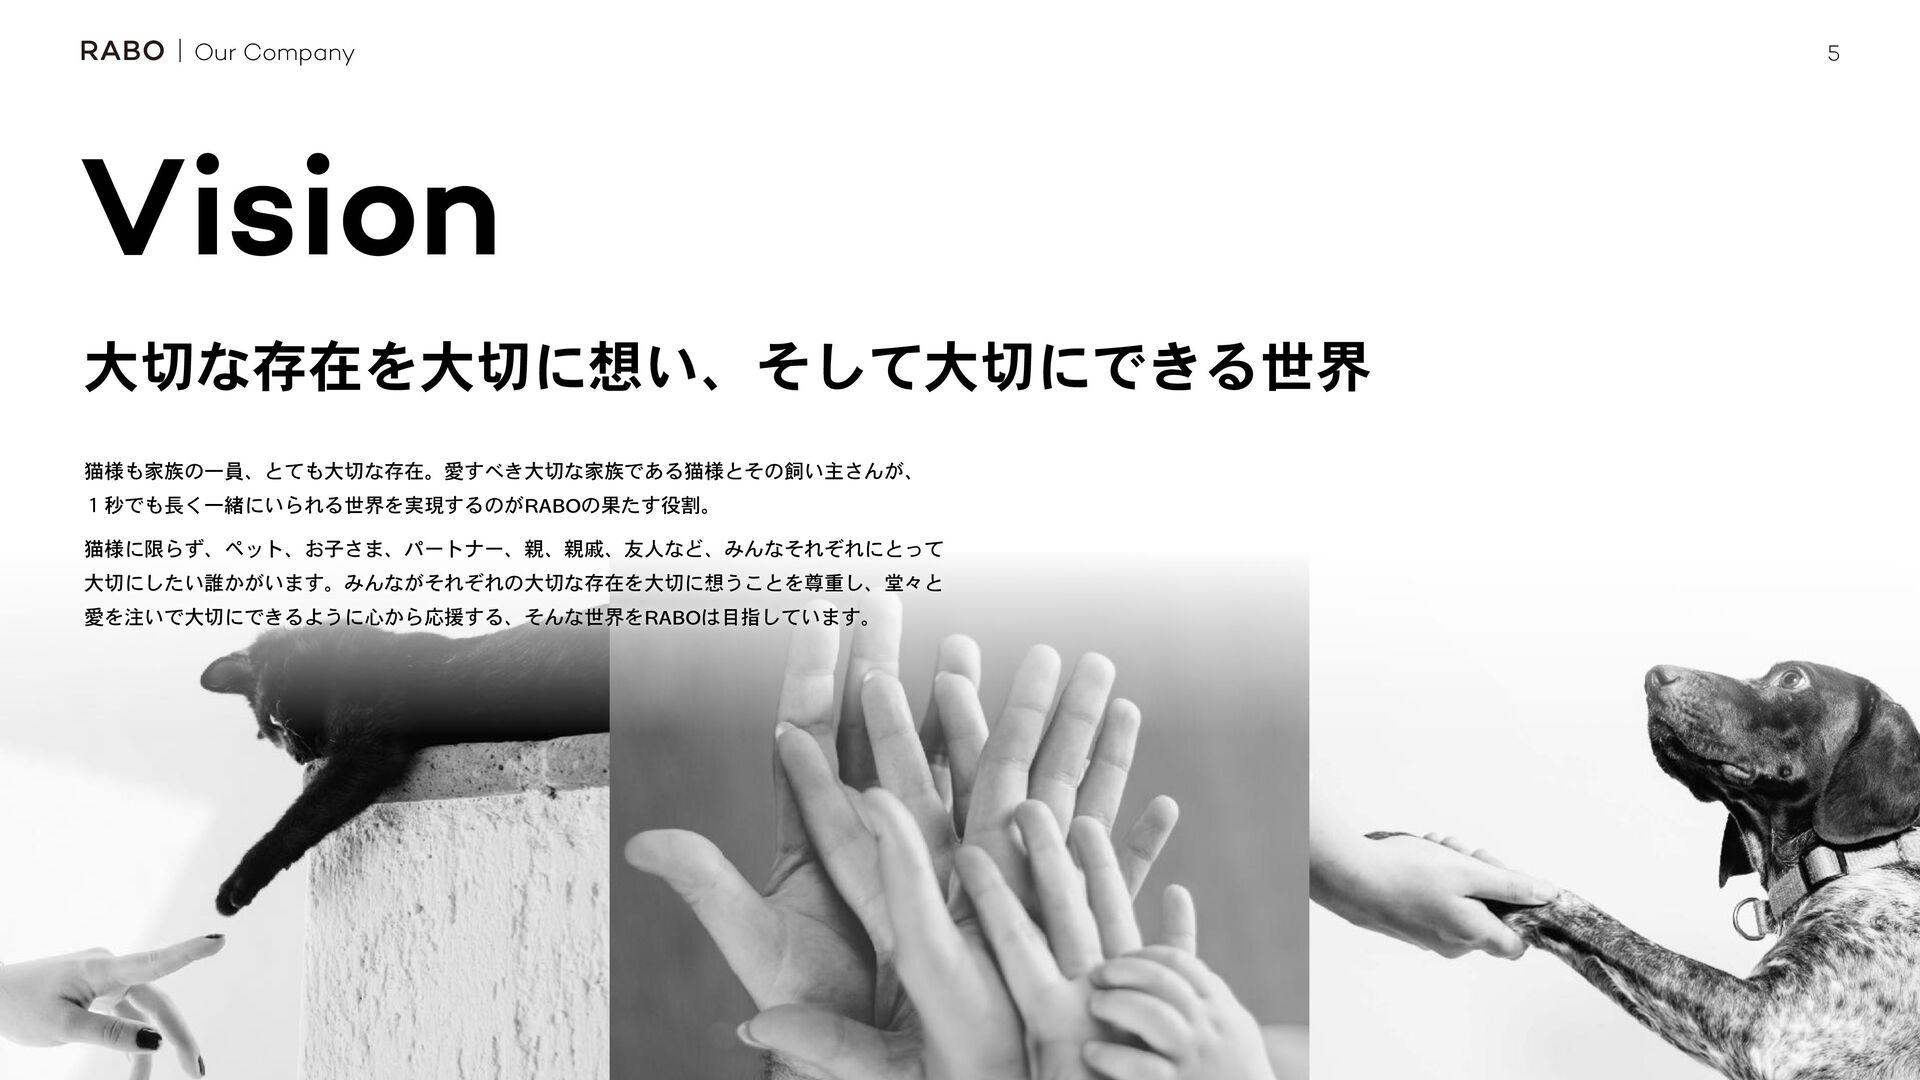 5 Our Company ੈքதͷೣͱ͍ओ͕̍ඵͰ͍͘ΒΕΔΑ͏ʹ ೣͷੜ׆ΛςΫϊ...